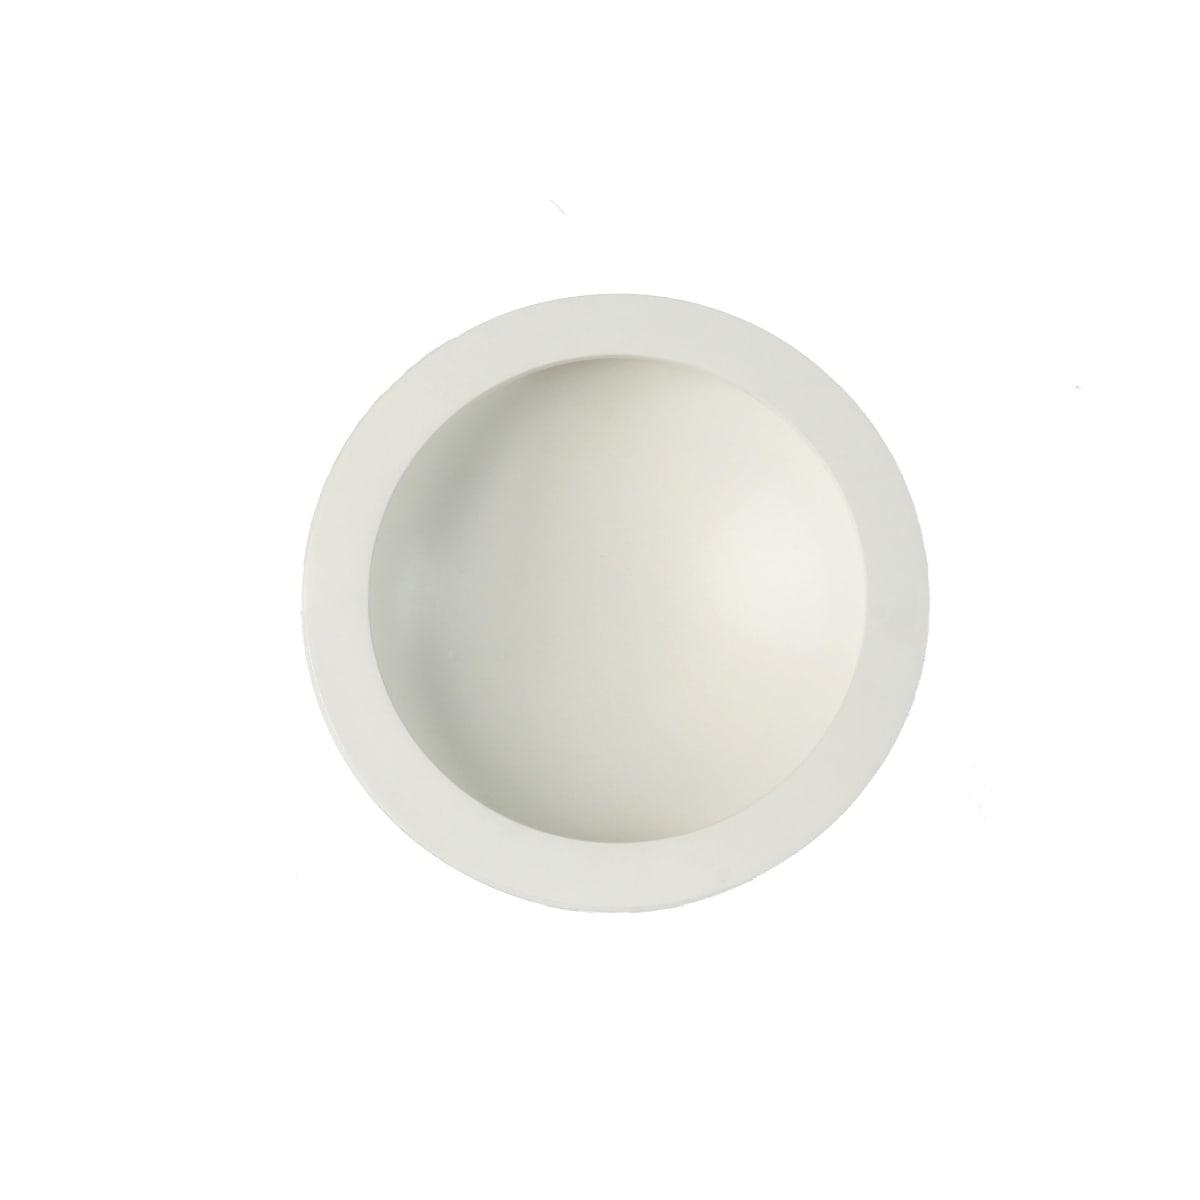 Светильник встраиваемый светодиодный Mantra Cabrera C0044 под отверствие 210 мм холодный свет